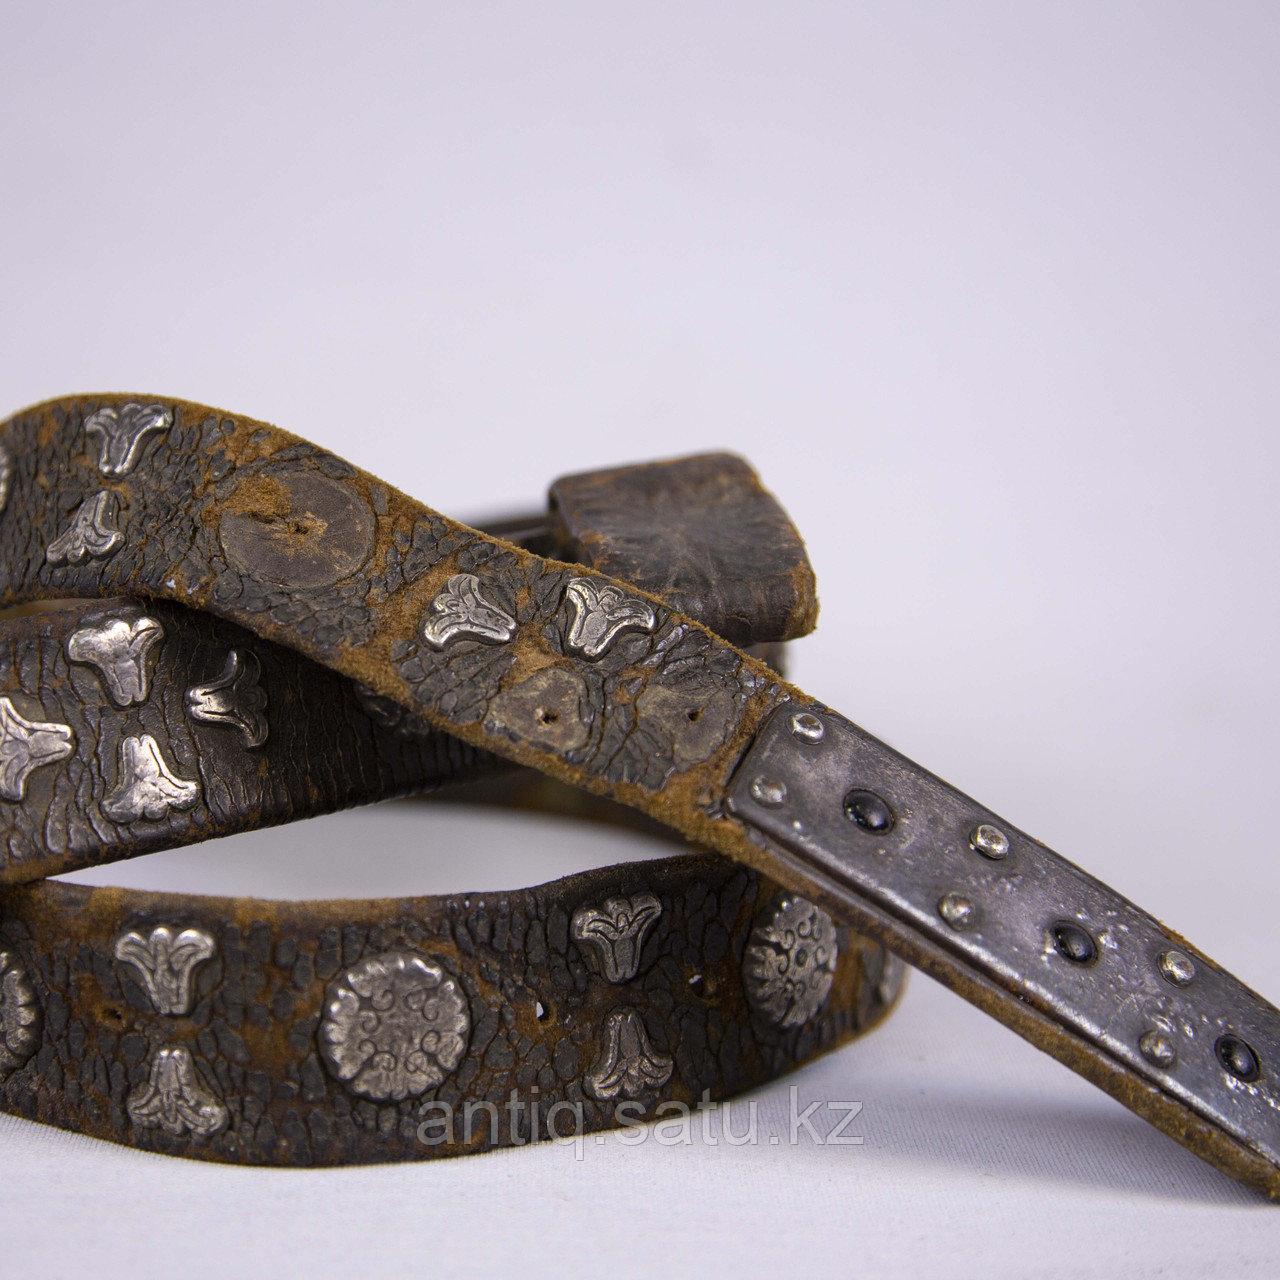 Кисе-белдик национальный Казахский охотничий пояс. Кожа, шитье, металл, ковка, серебро, насечка серебро - фото 8